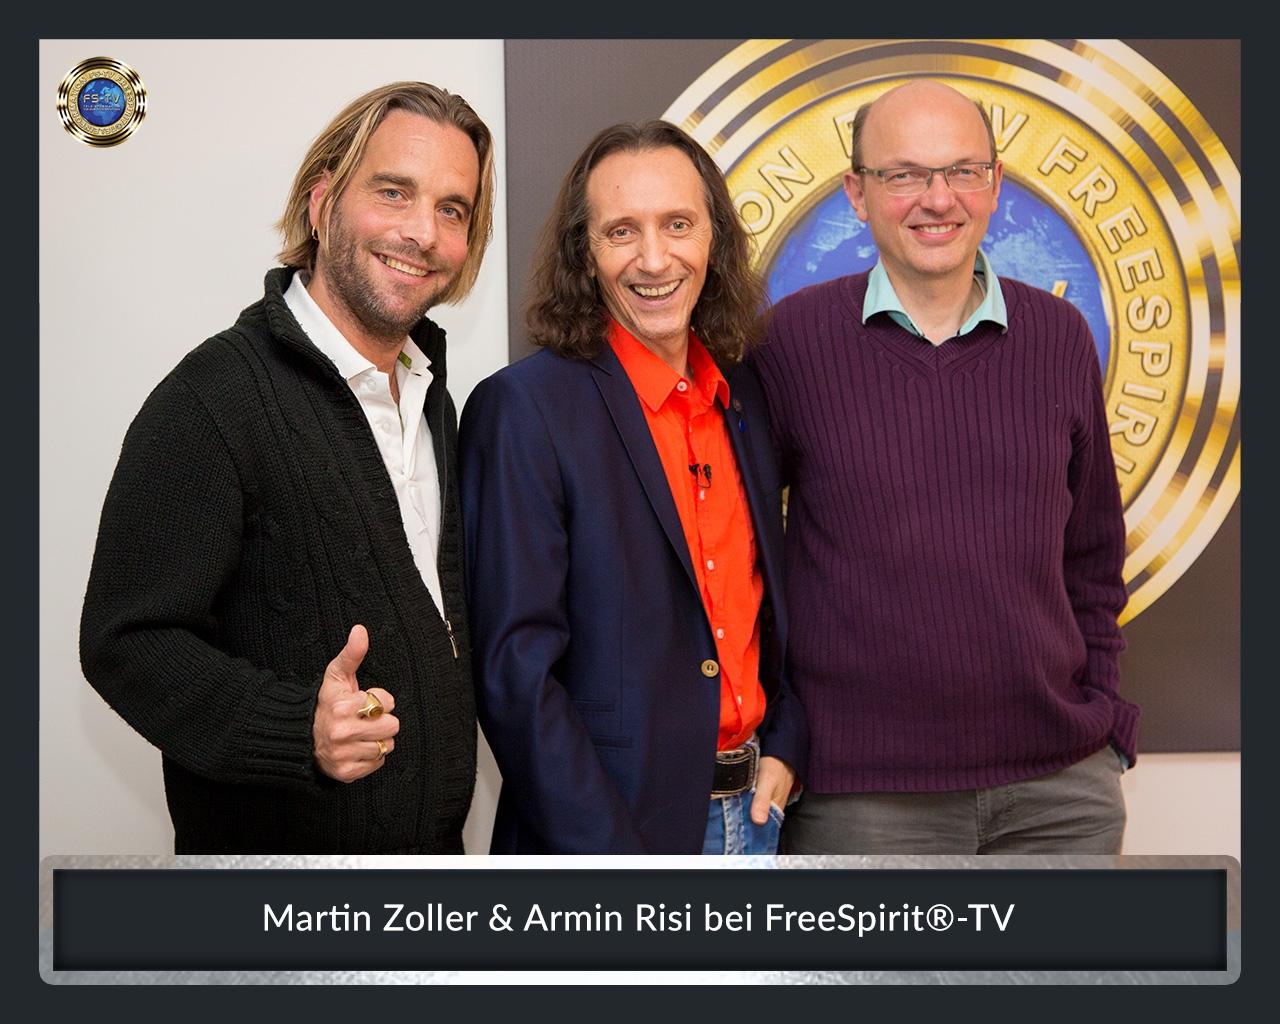 FS-TV-Bildergallerie-Martin-Zoller-und-Armin-Risi-1